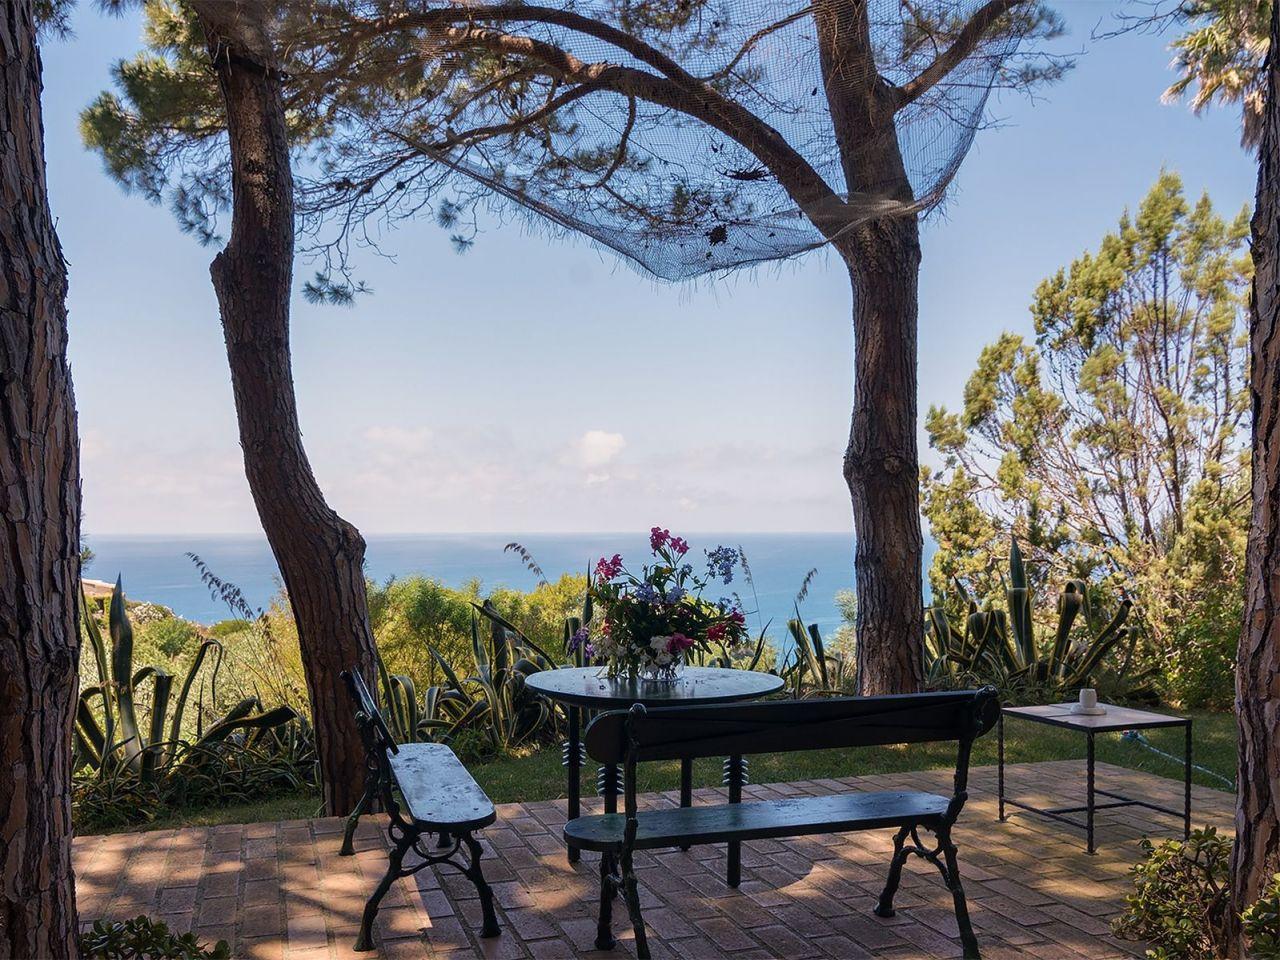 Terrasse mit Meerblick Ferienhaus Kalabrien